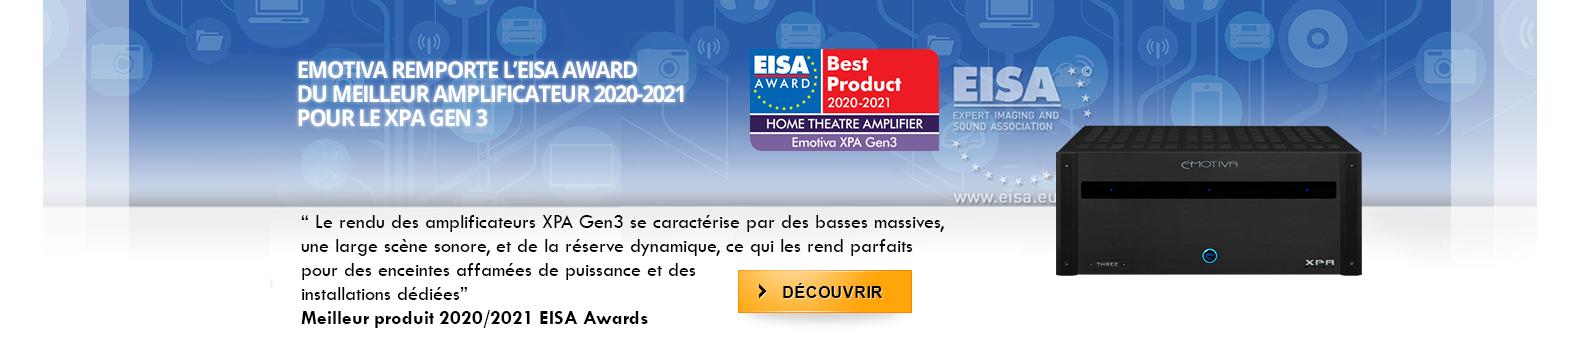 Emotiva remporte l'EISA award du meilleur amplificateur 2020-2021